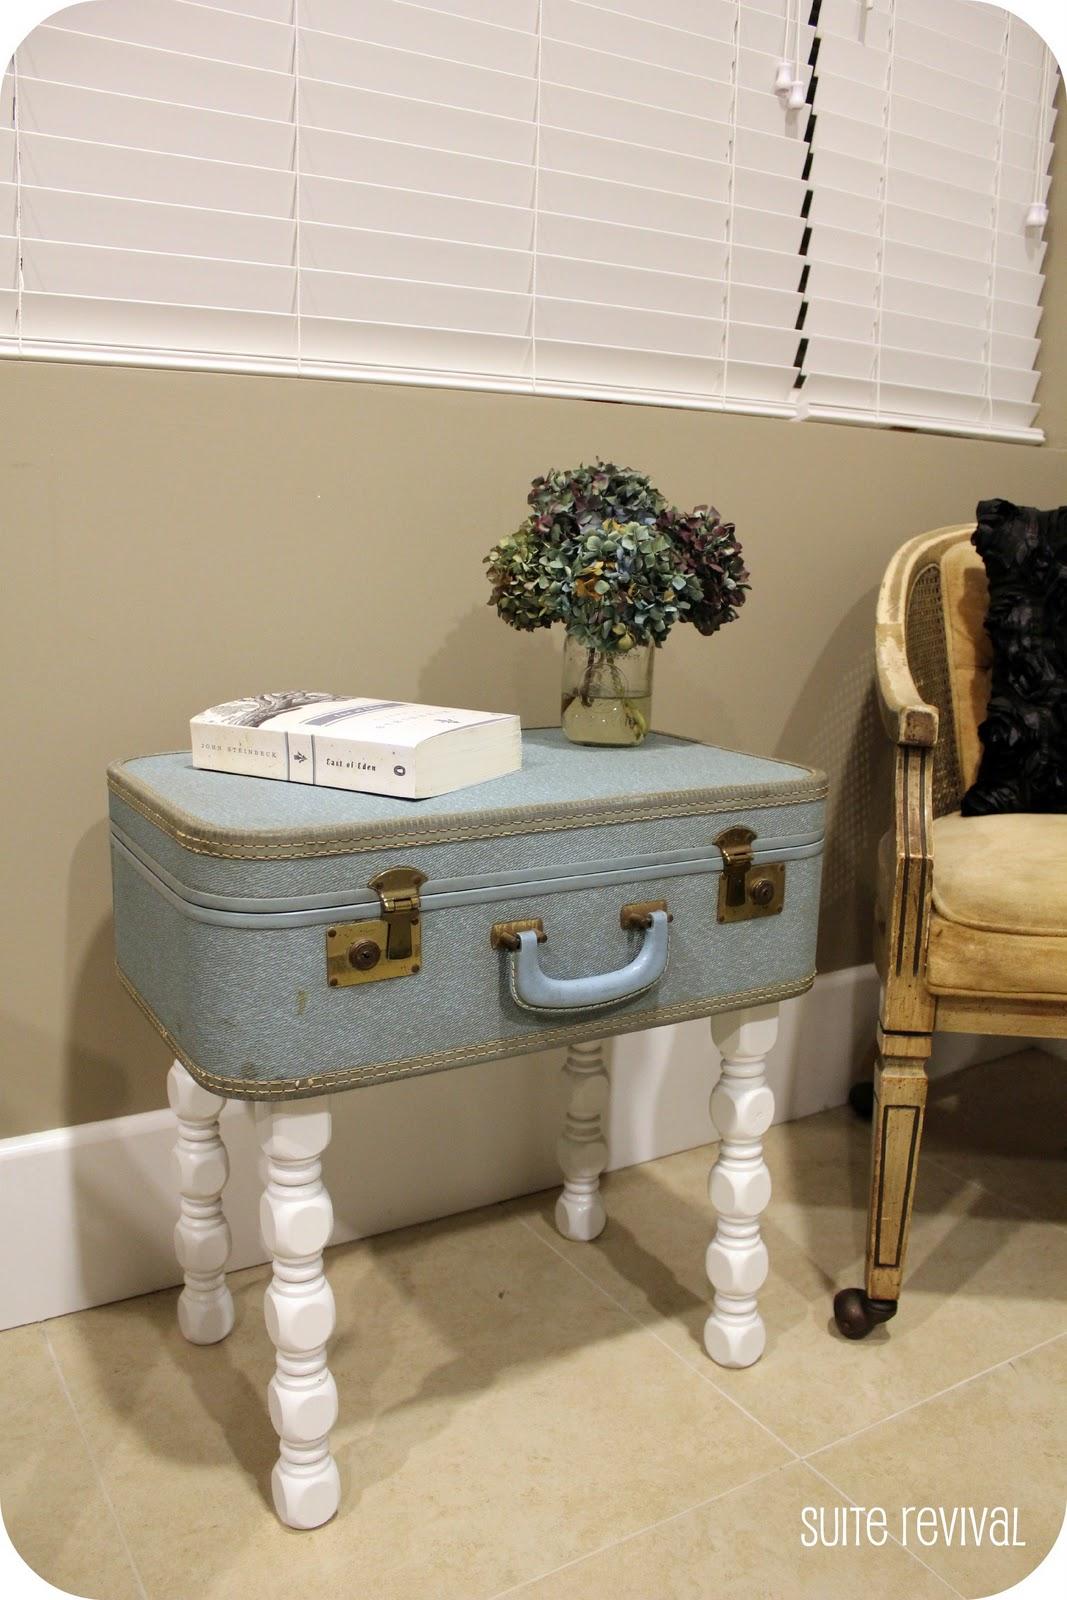 Suite Revival Suitcase Table 2